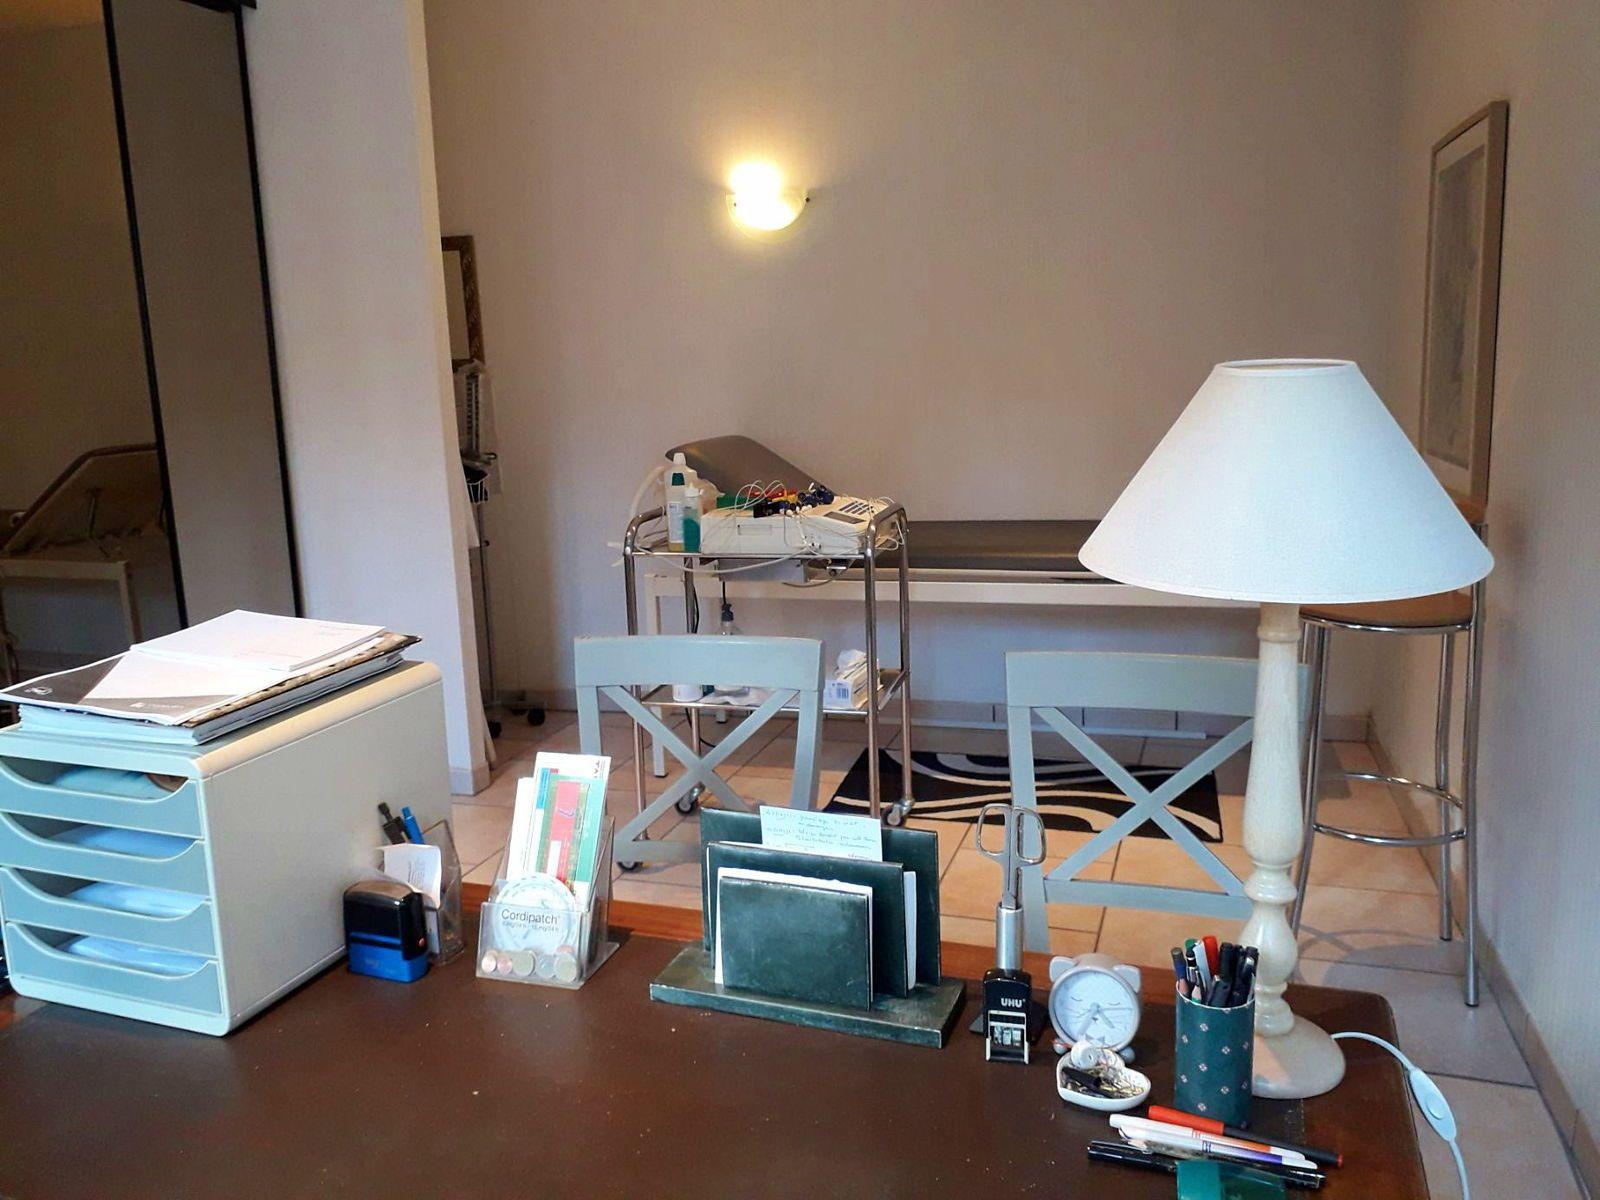 Vends cabinet médical, cardiologie ou autre prof libérale à Auxerre (89) - 3chambres, 85m²